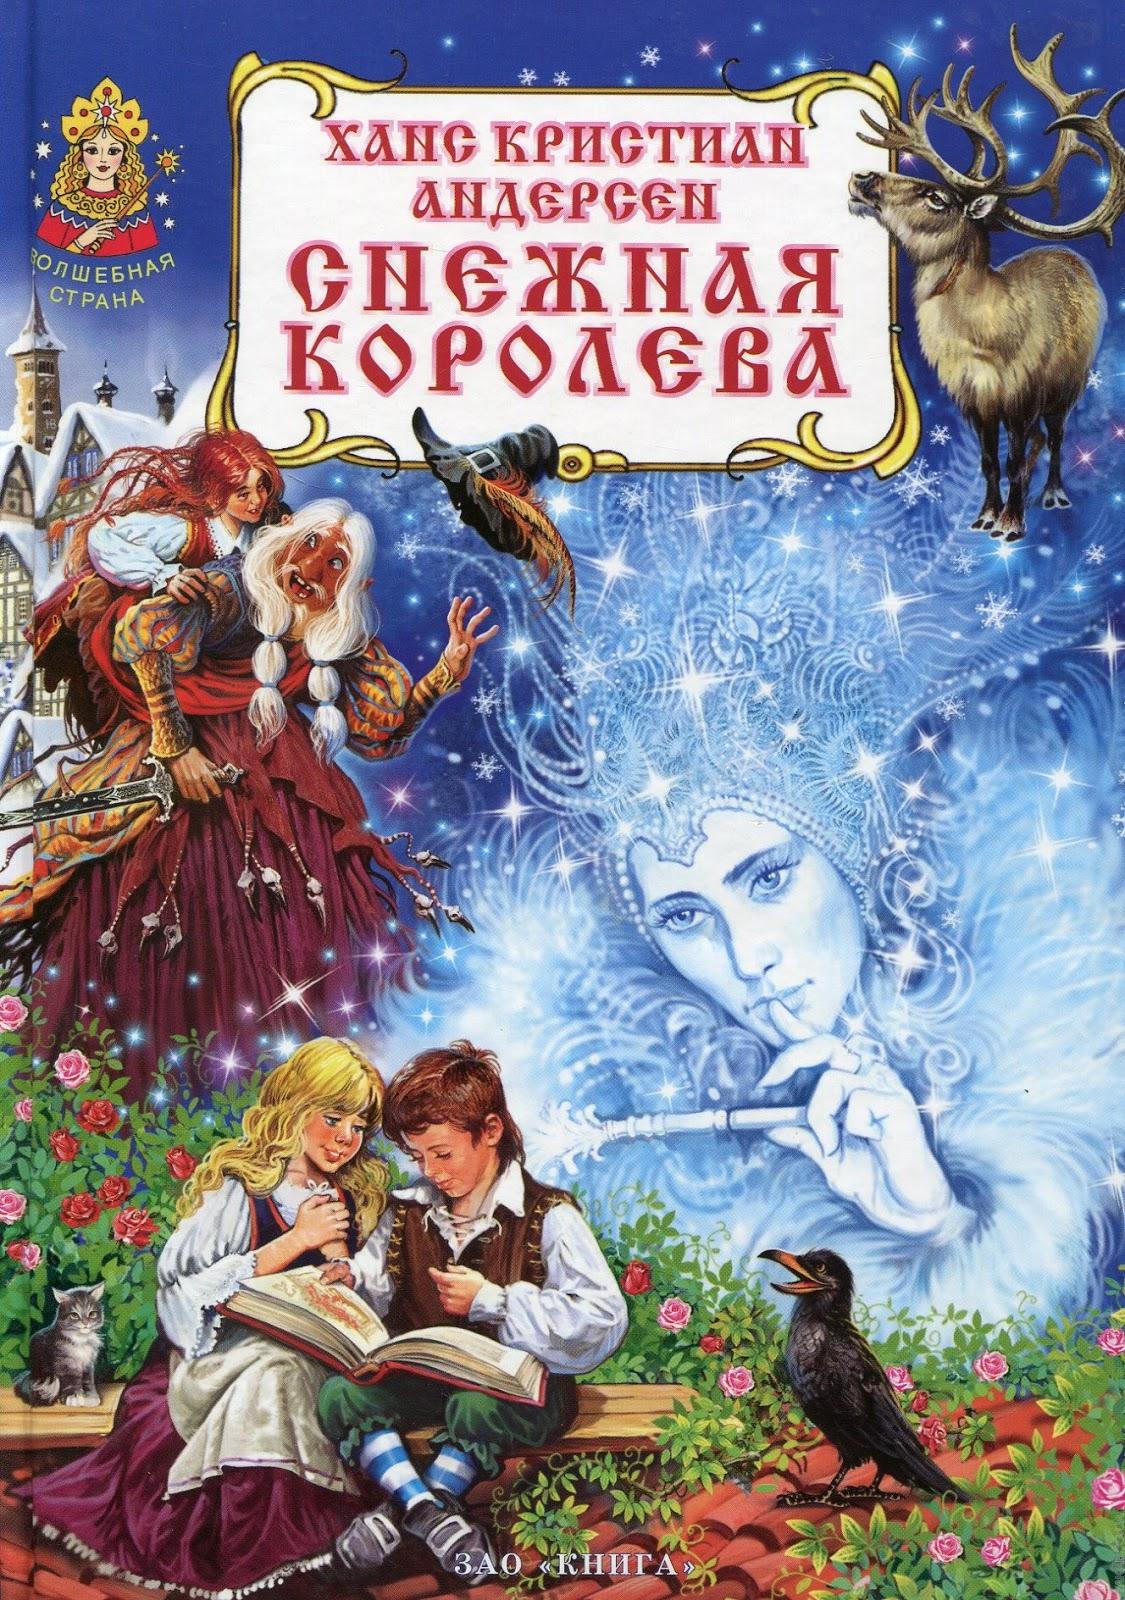 Картинки обложки книги снежная королева, открытка